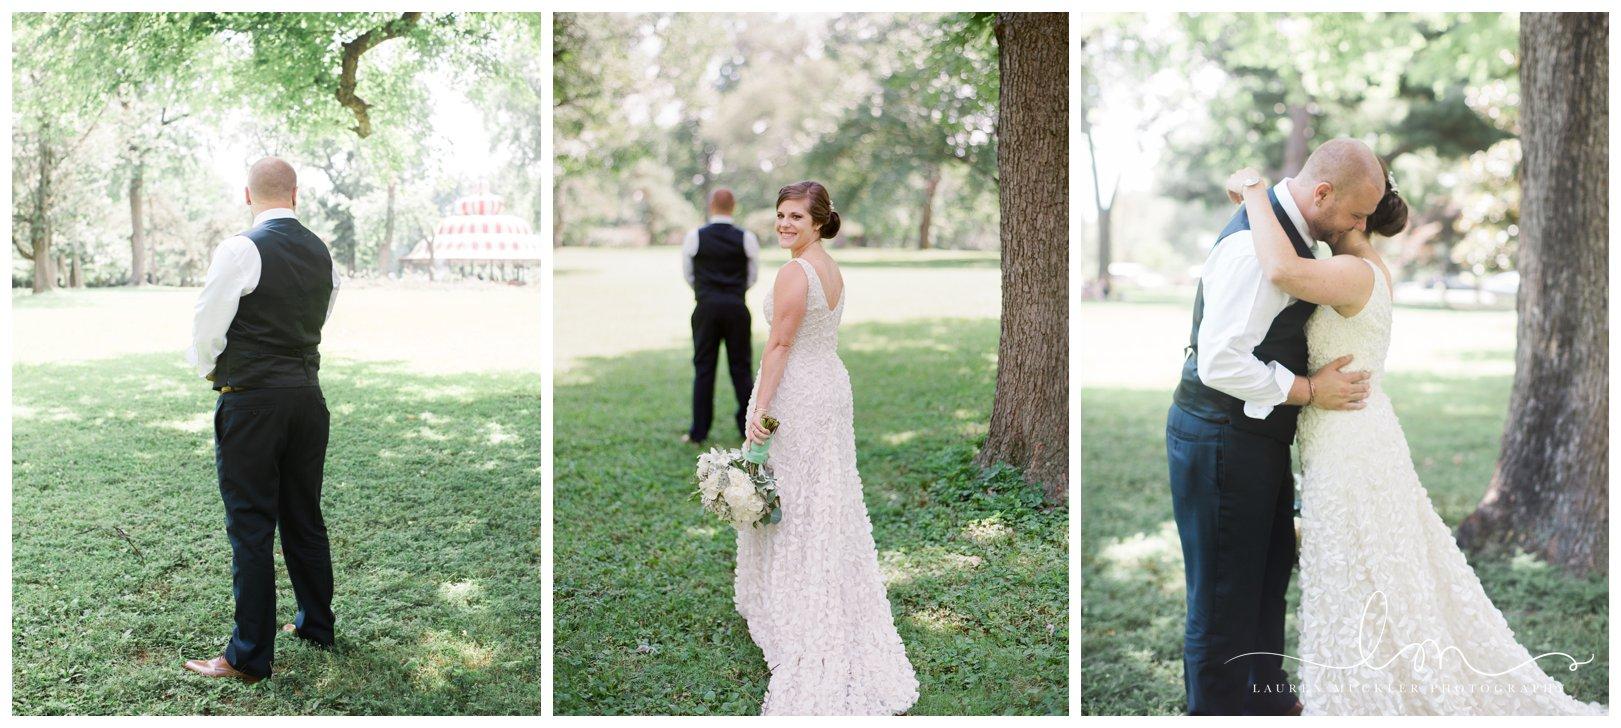 lauren muckler photography_fine art film wedding photography_st louis_photography_0552.jpg